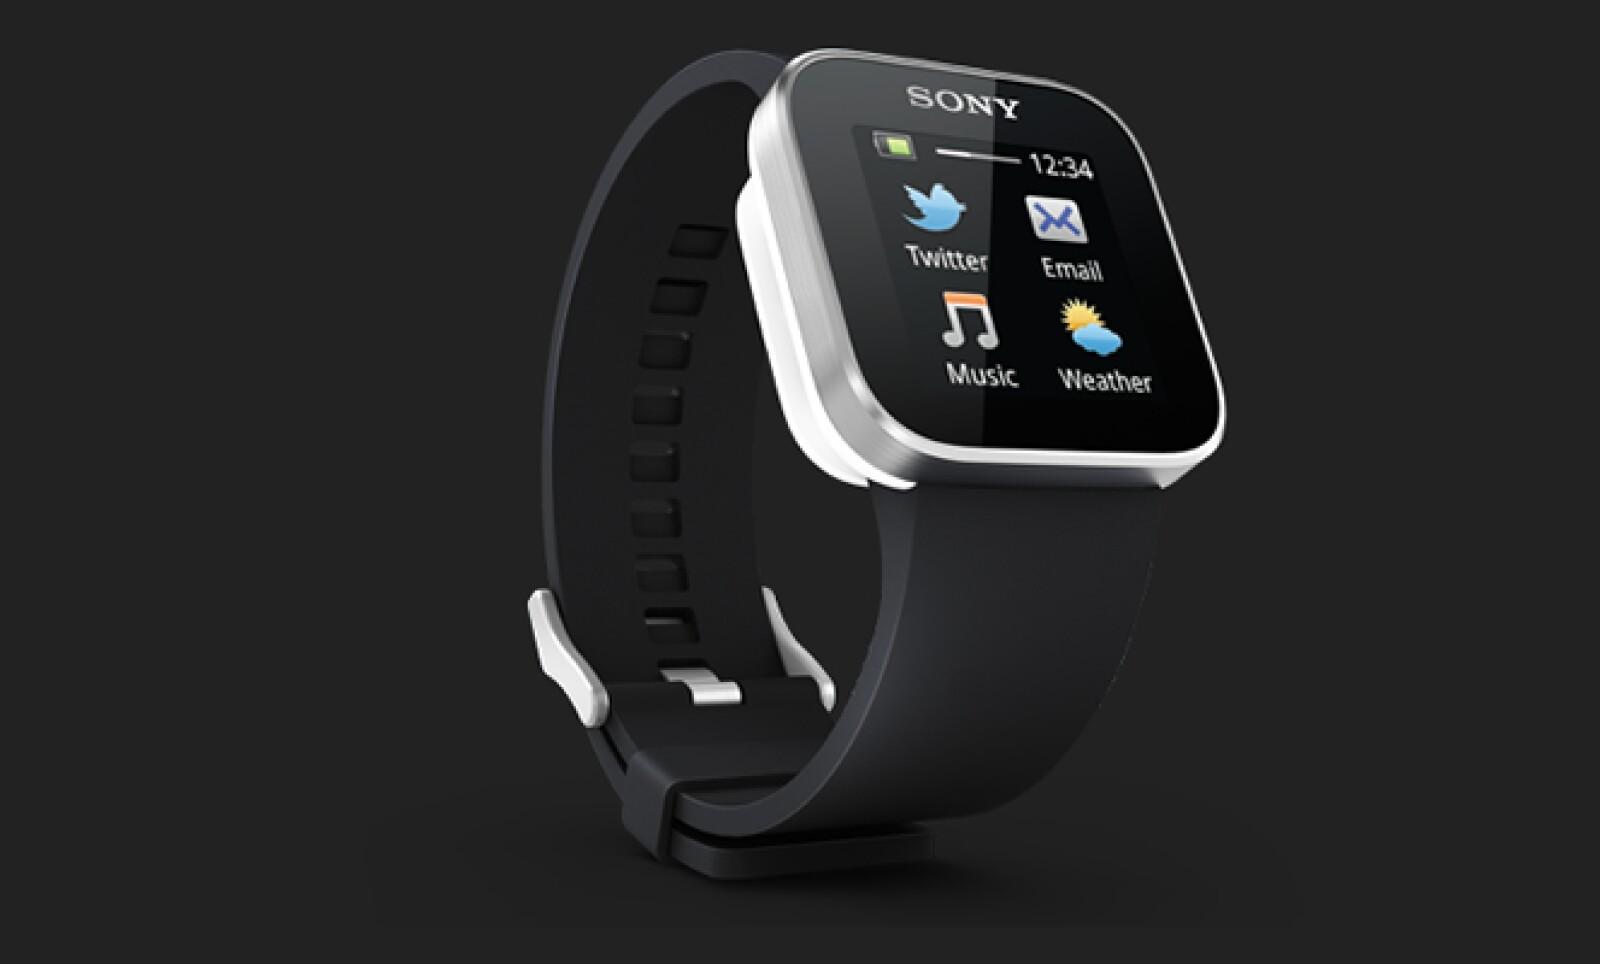 Esta pieza de Sony tiene una pantalla táctil OLED de 1.3 pulgadas, enlace bluetooth 3.0 y cuatro días de batería útil, antes de recargarlo. Además, puedes recibir actualizaciones de Twitter, Facebook y hasta tus más recientes e-mails.